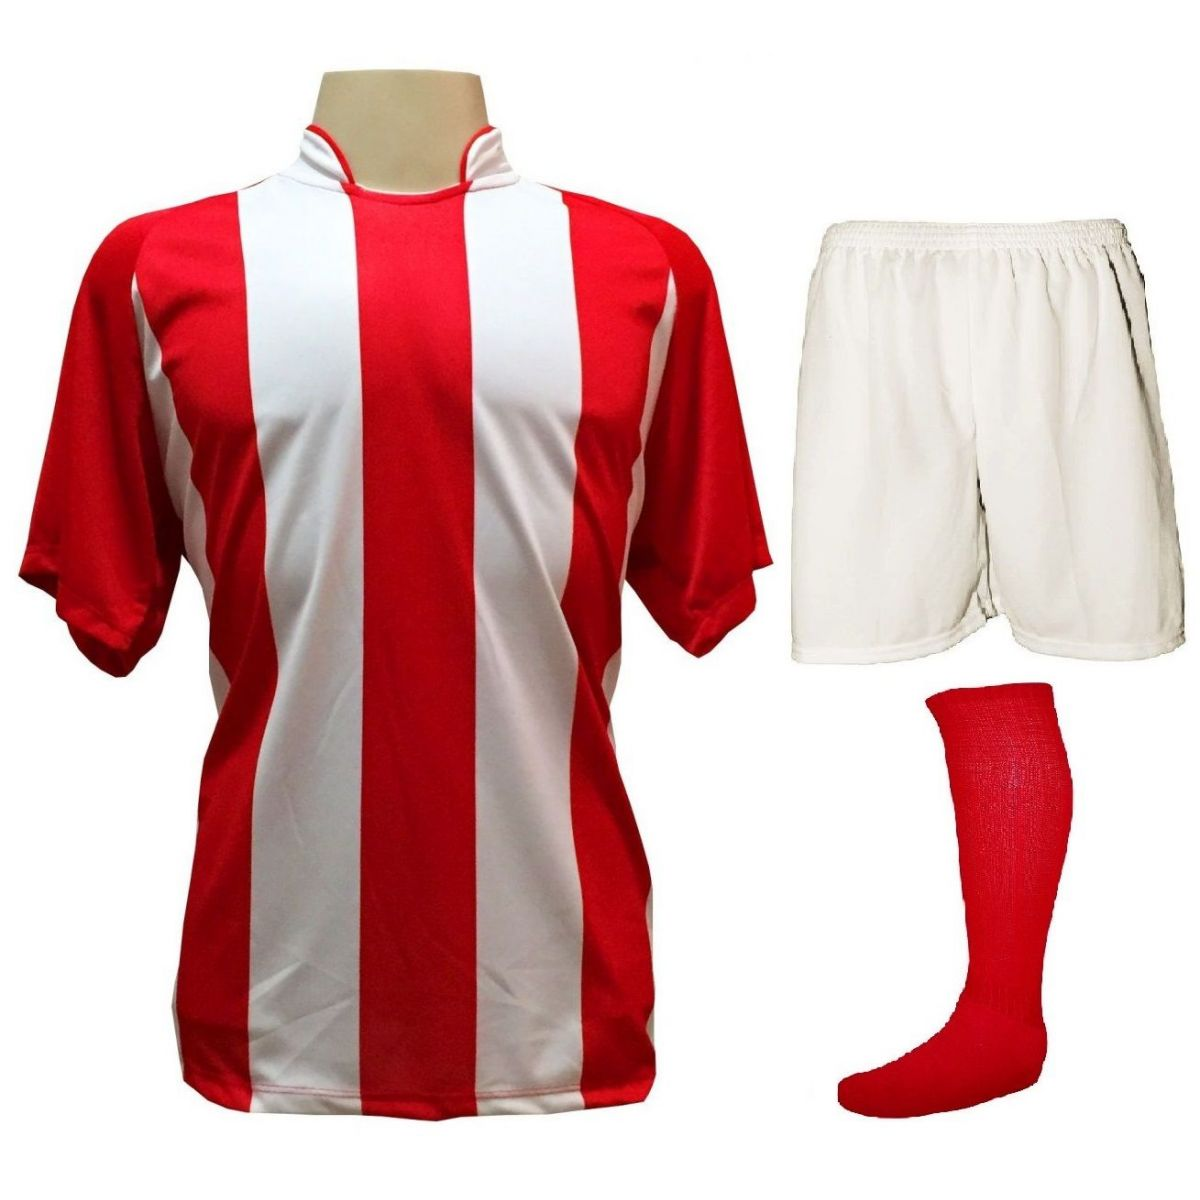 Uniforme Esportivo com 20 camisas modelo Milan Vermelho/Branco + 20 calções modelo Madrid Branco + 20 pares de meiões Vermelho